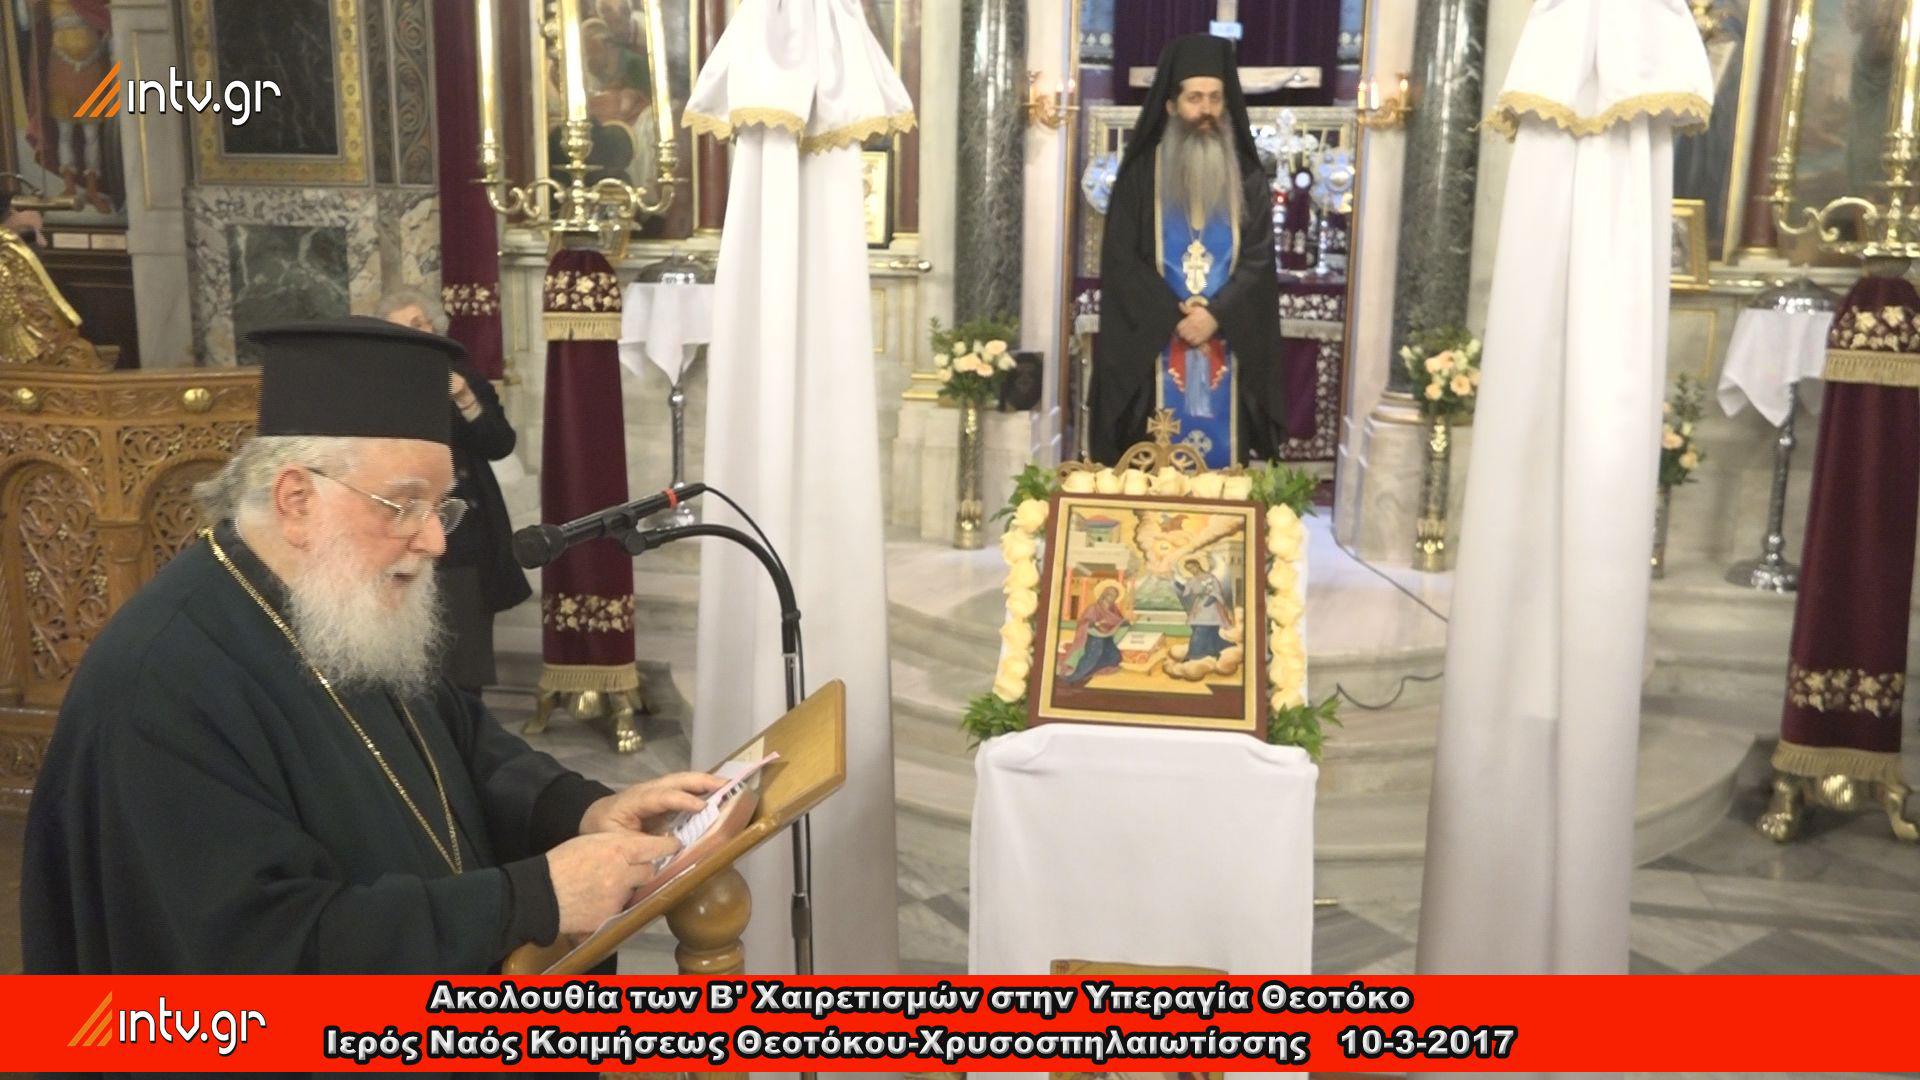 Ακολουθία των Β΄ Χαιρετισμών στην Υπεραγία Θεοτόκο - Ιερός Ναός Κοιμήσεως Θεοτόκου Χρυσοσπηλαιωτίσσης